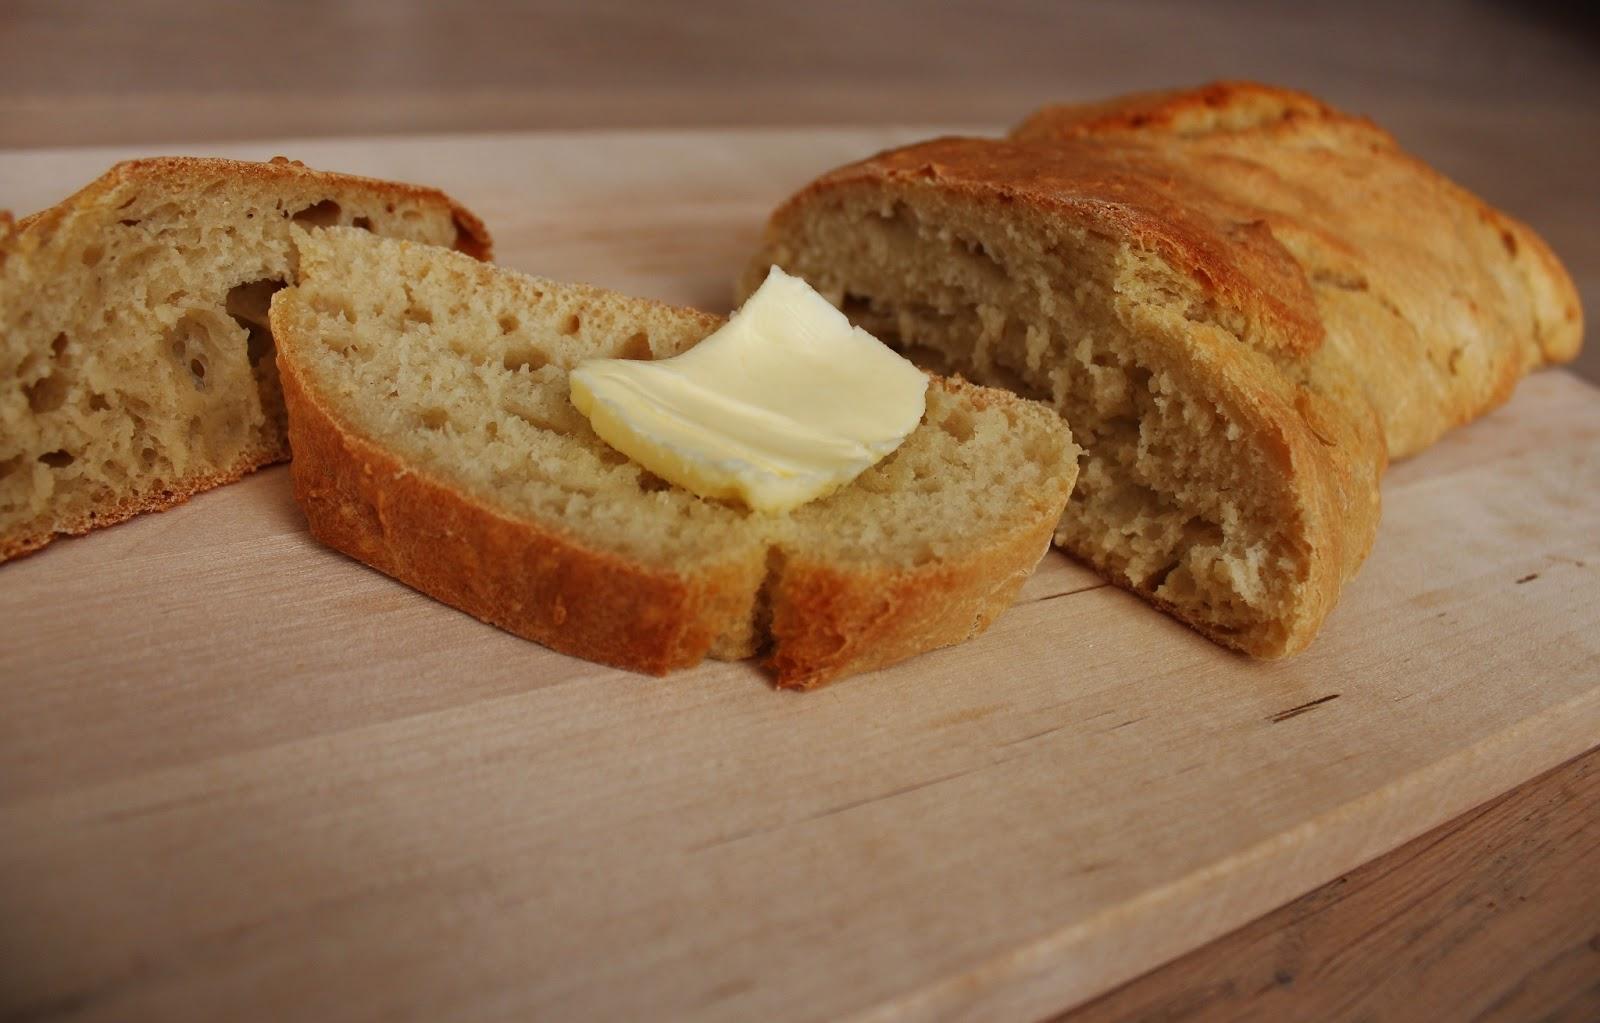 Nemt Hjemmelavet Brød – Brød Der Ikke Skal Æltes